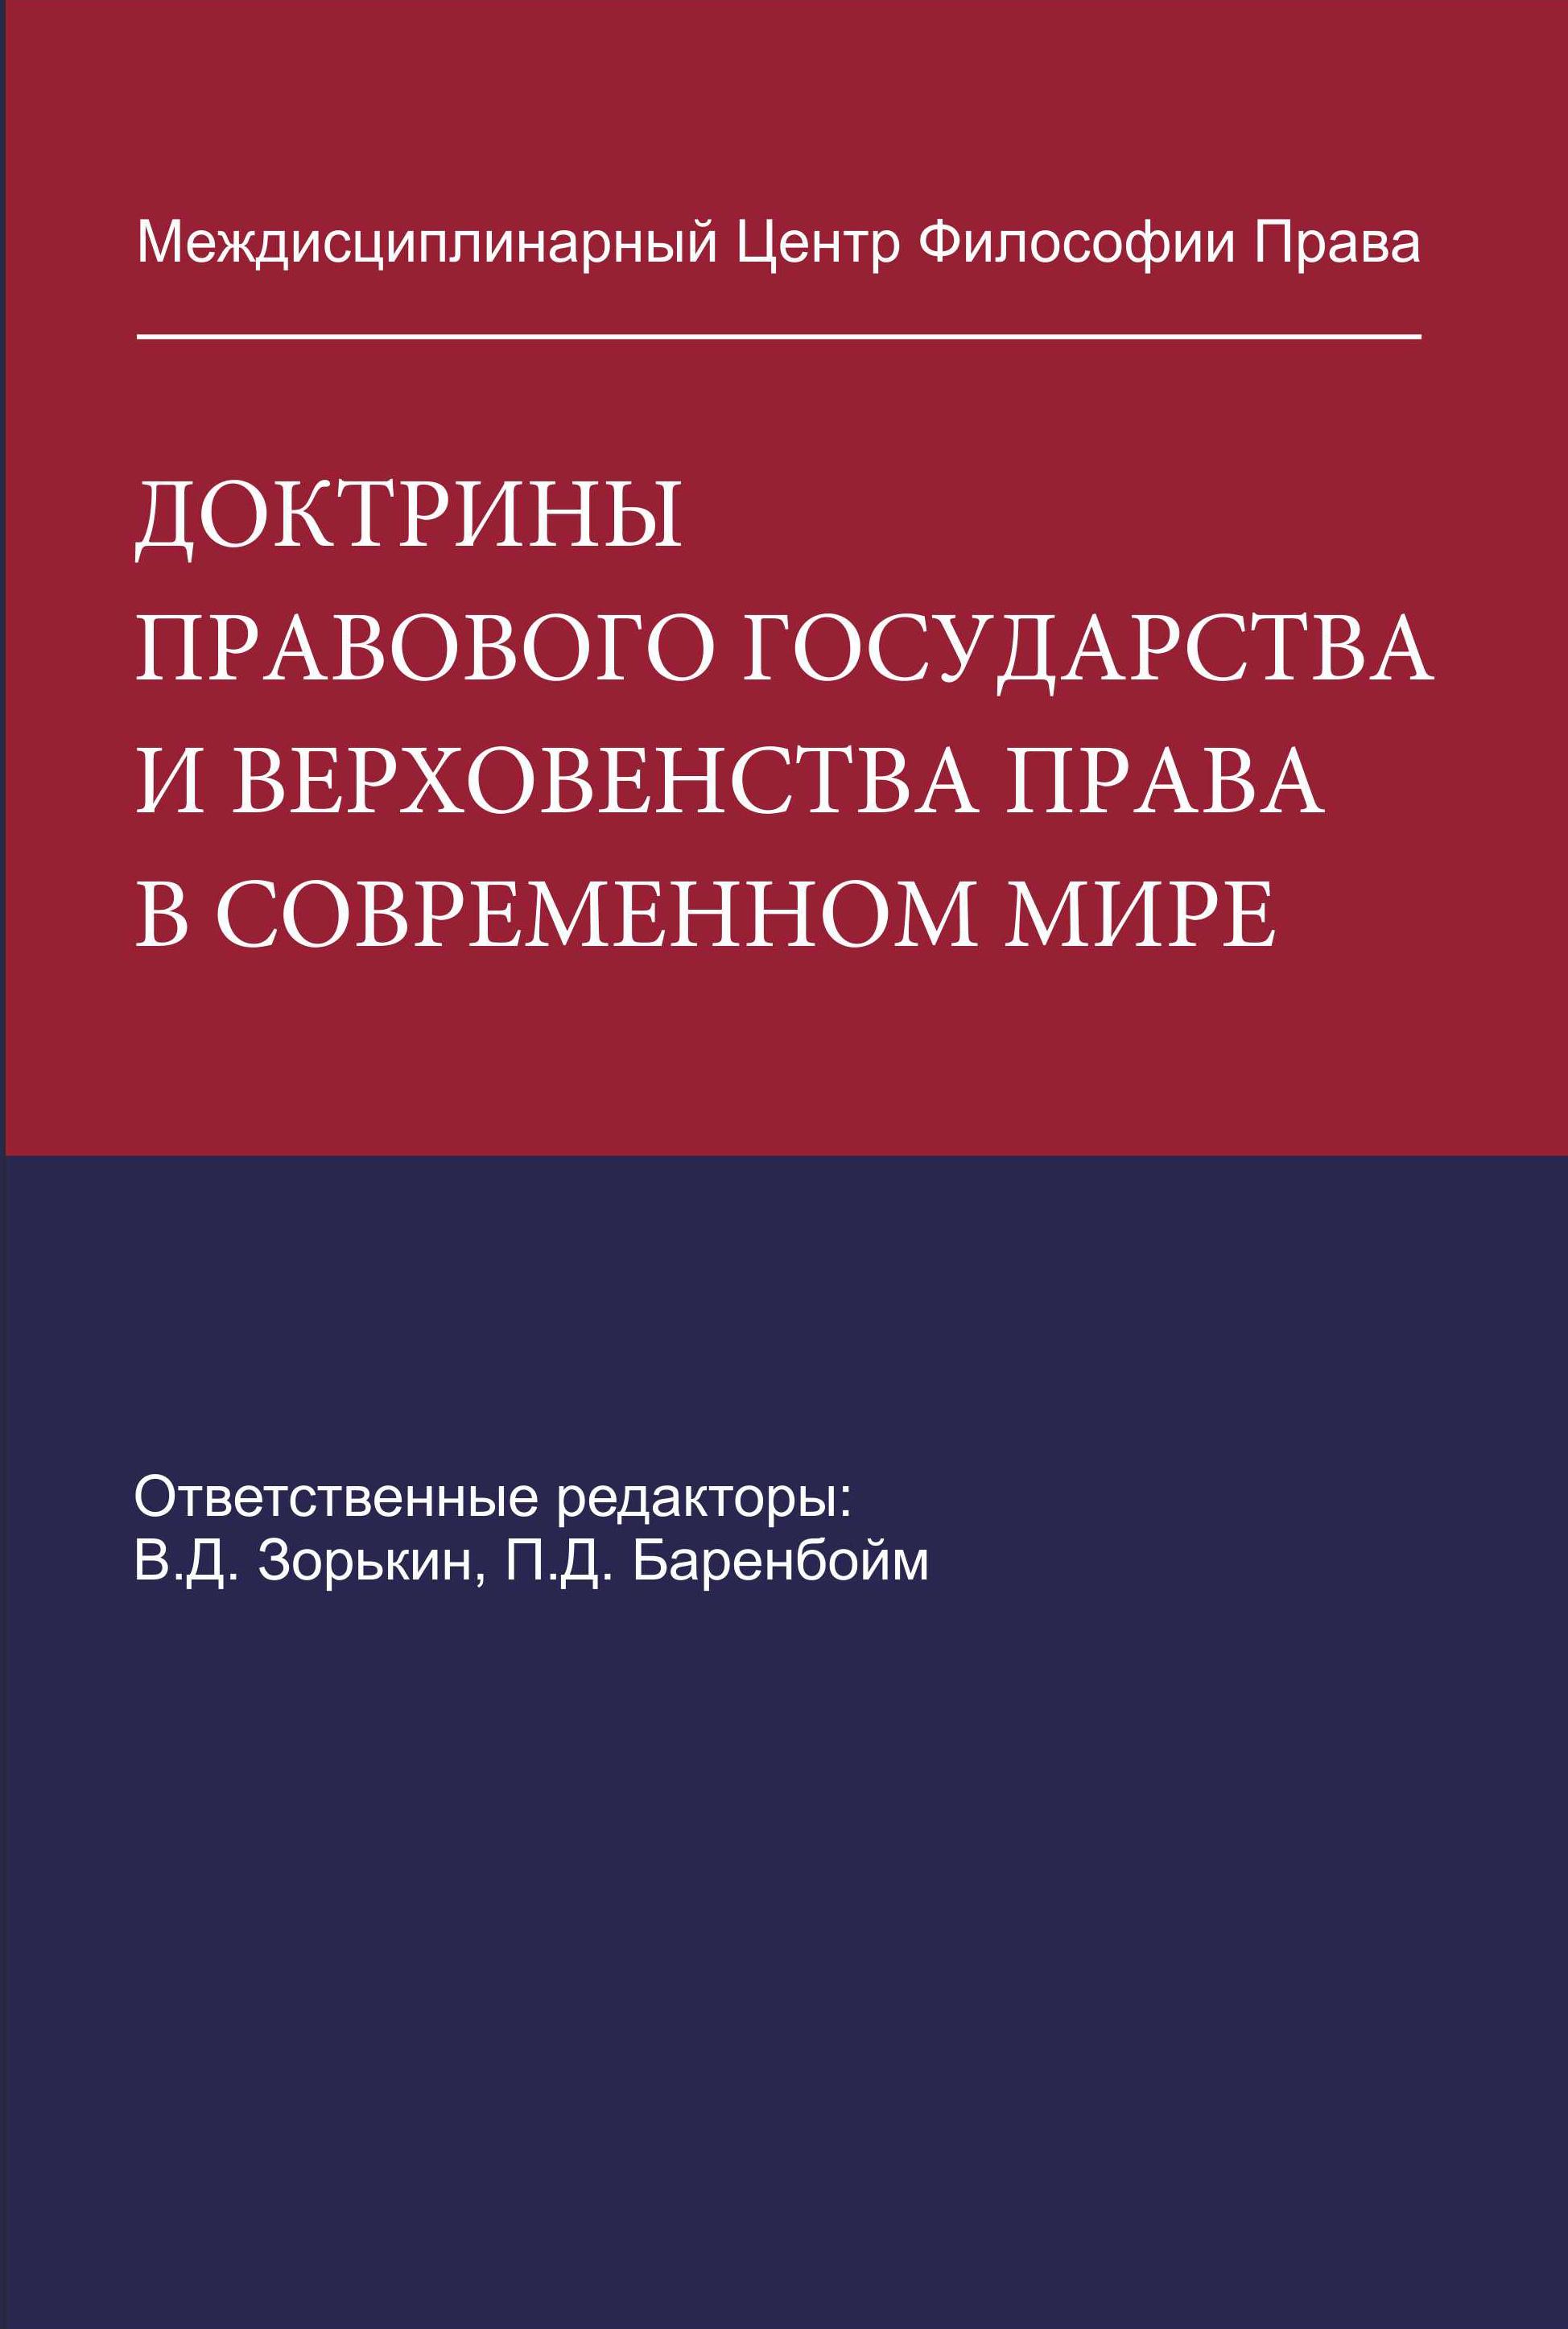 Правовое государство, верховенство права и конституционные основы экономики